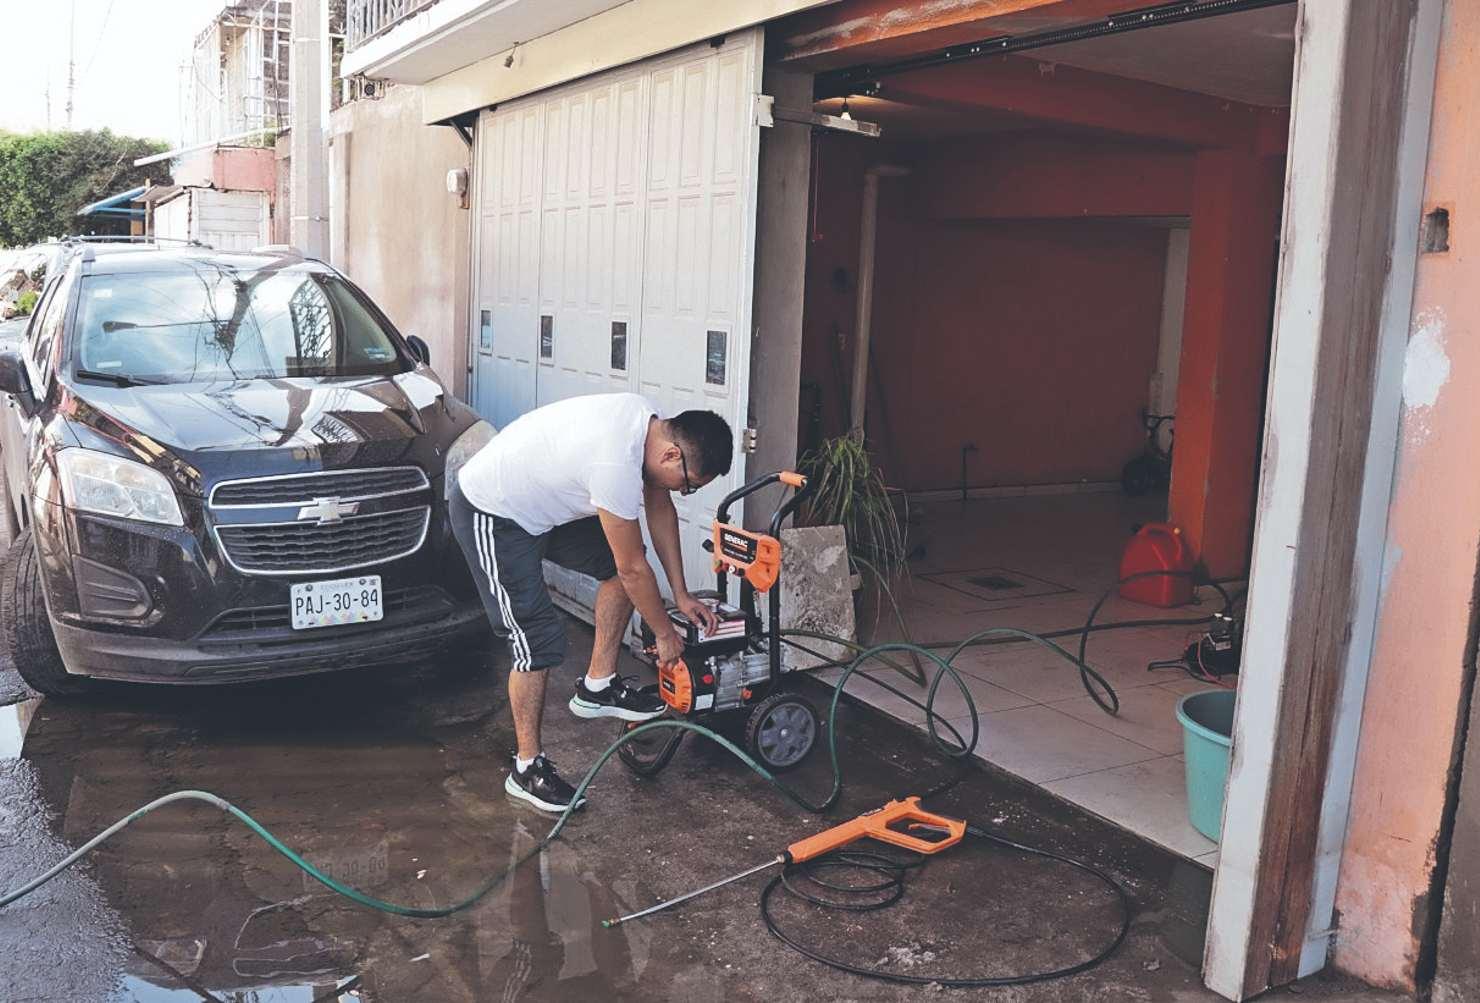 Por inundación, vecinos de Ecatepec tienen que gastar más para reabastecer servicios